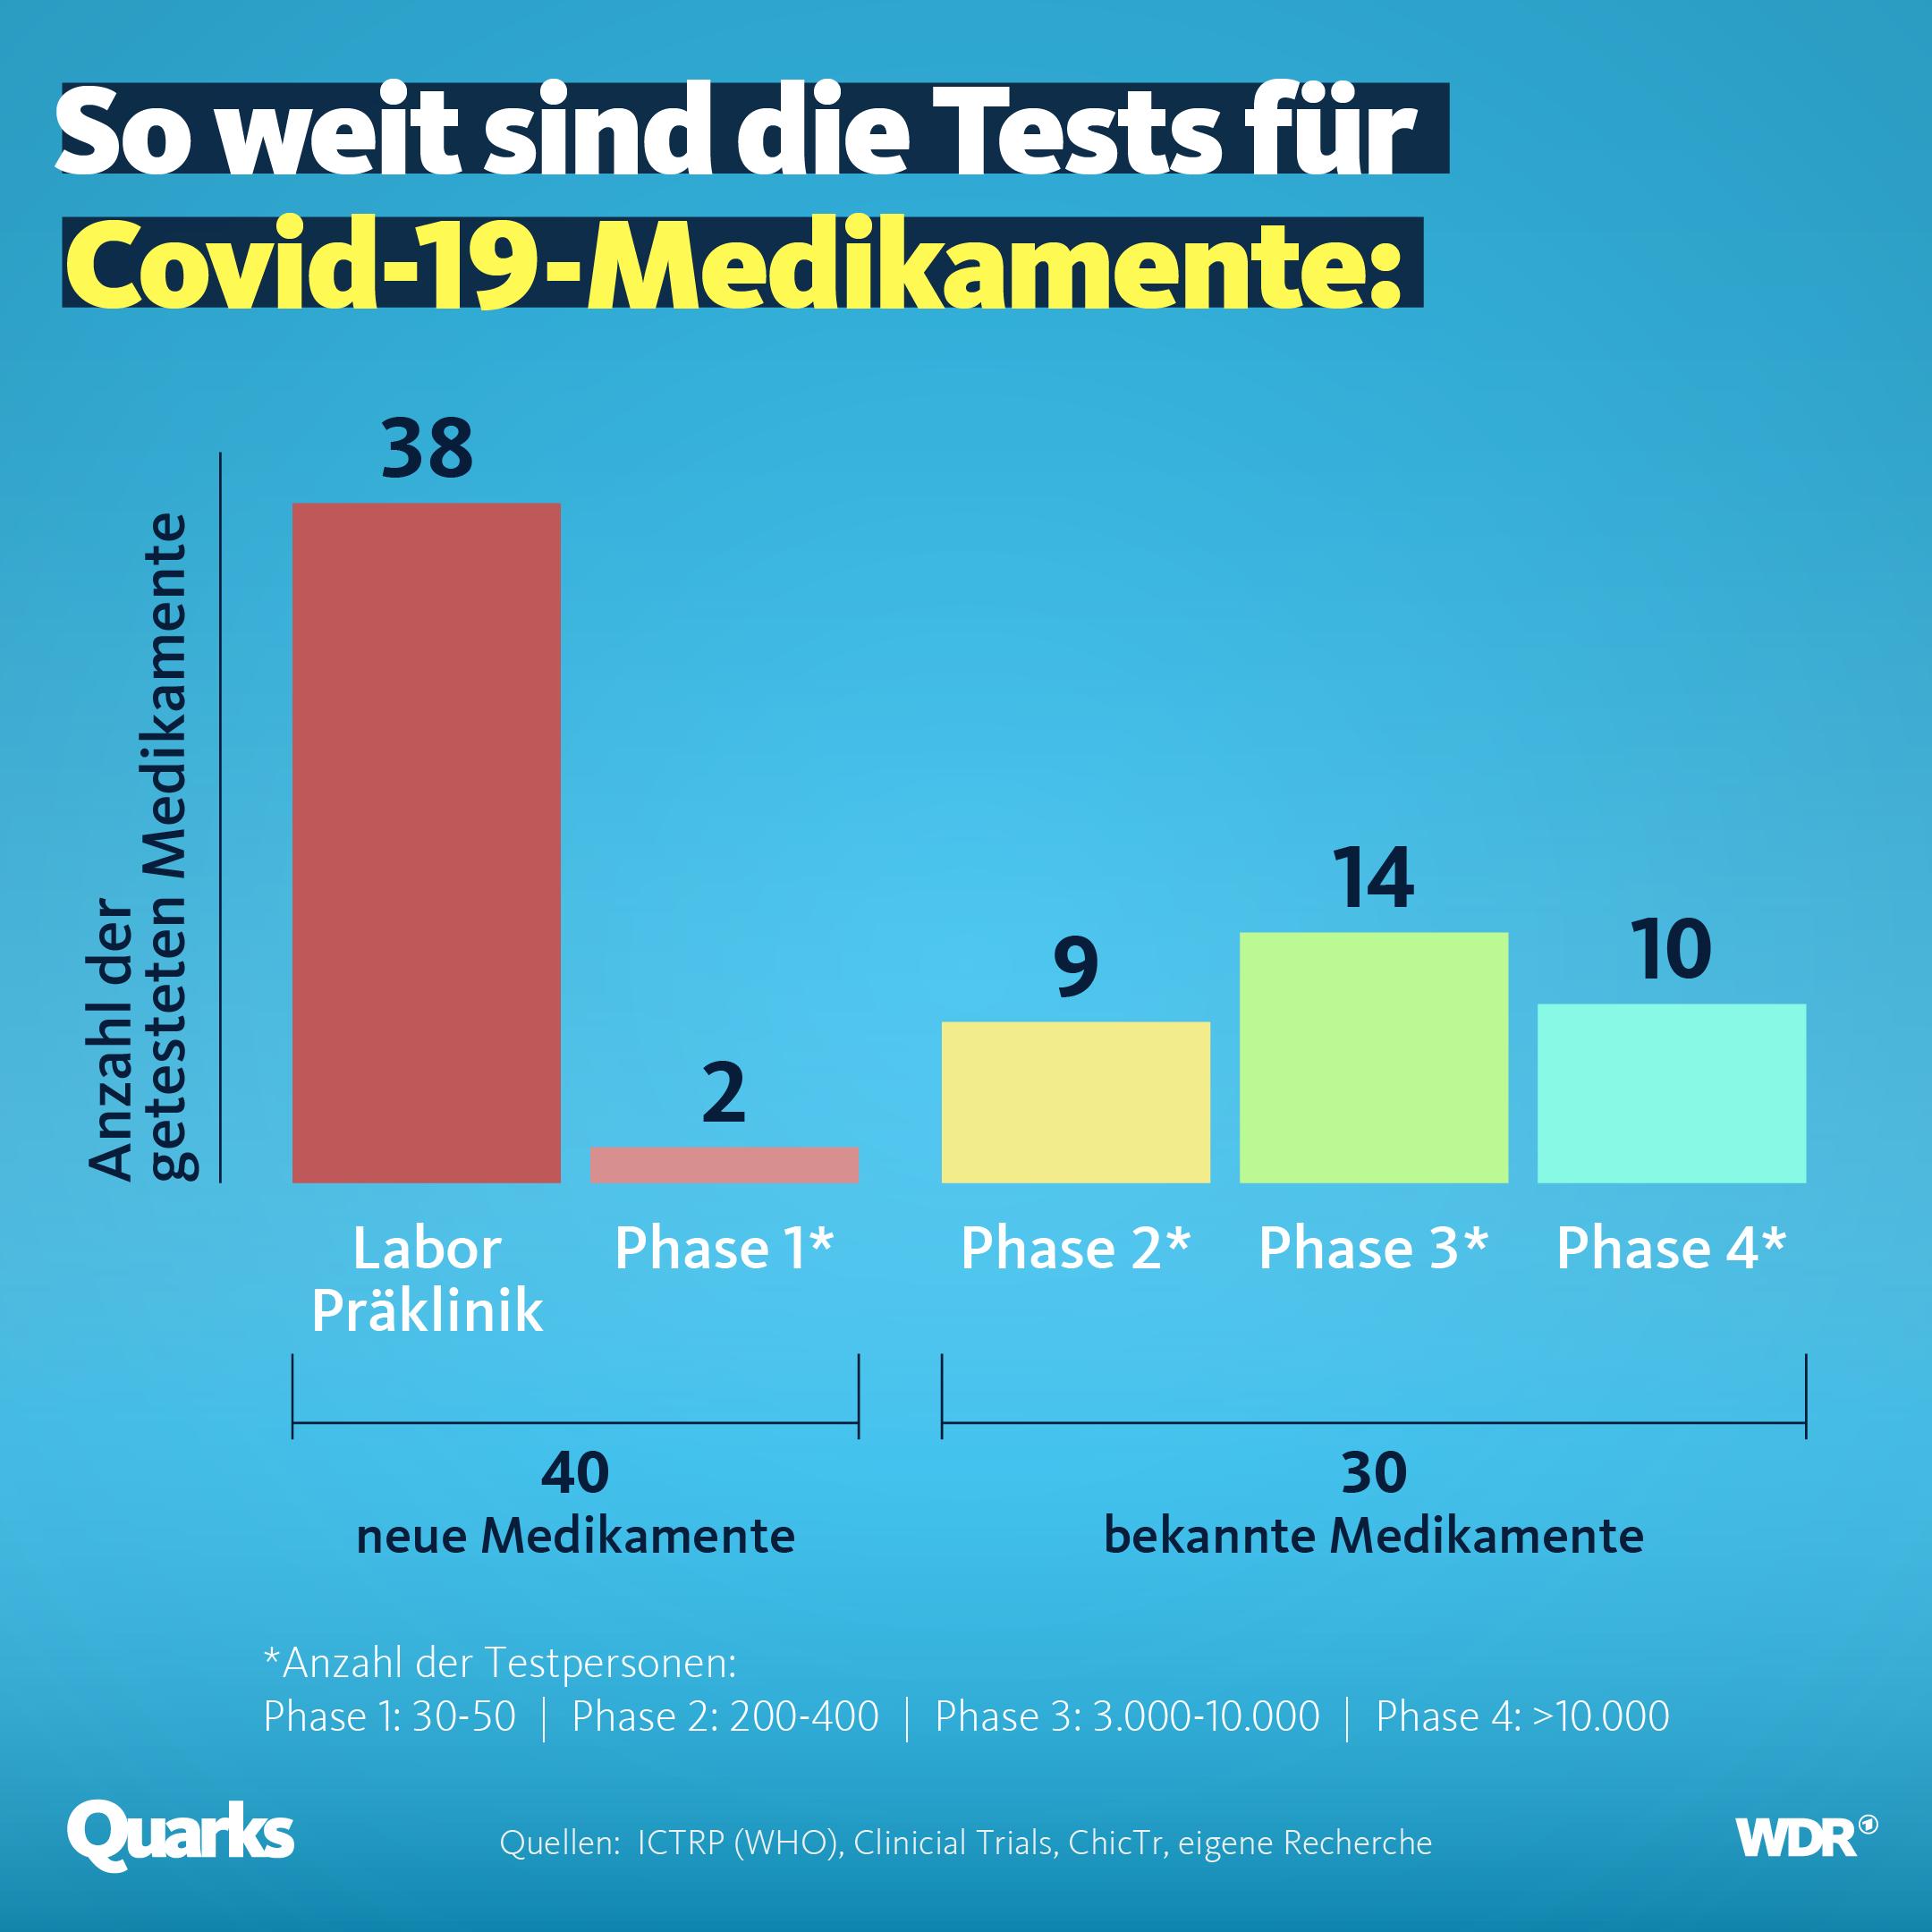 So weit sind die Tests für Covid-19-Medikamente